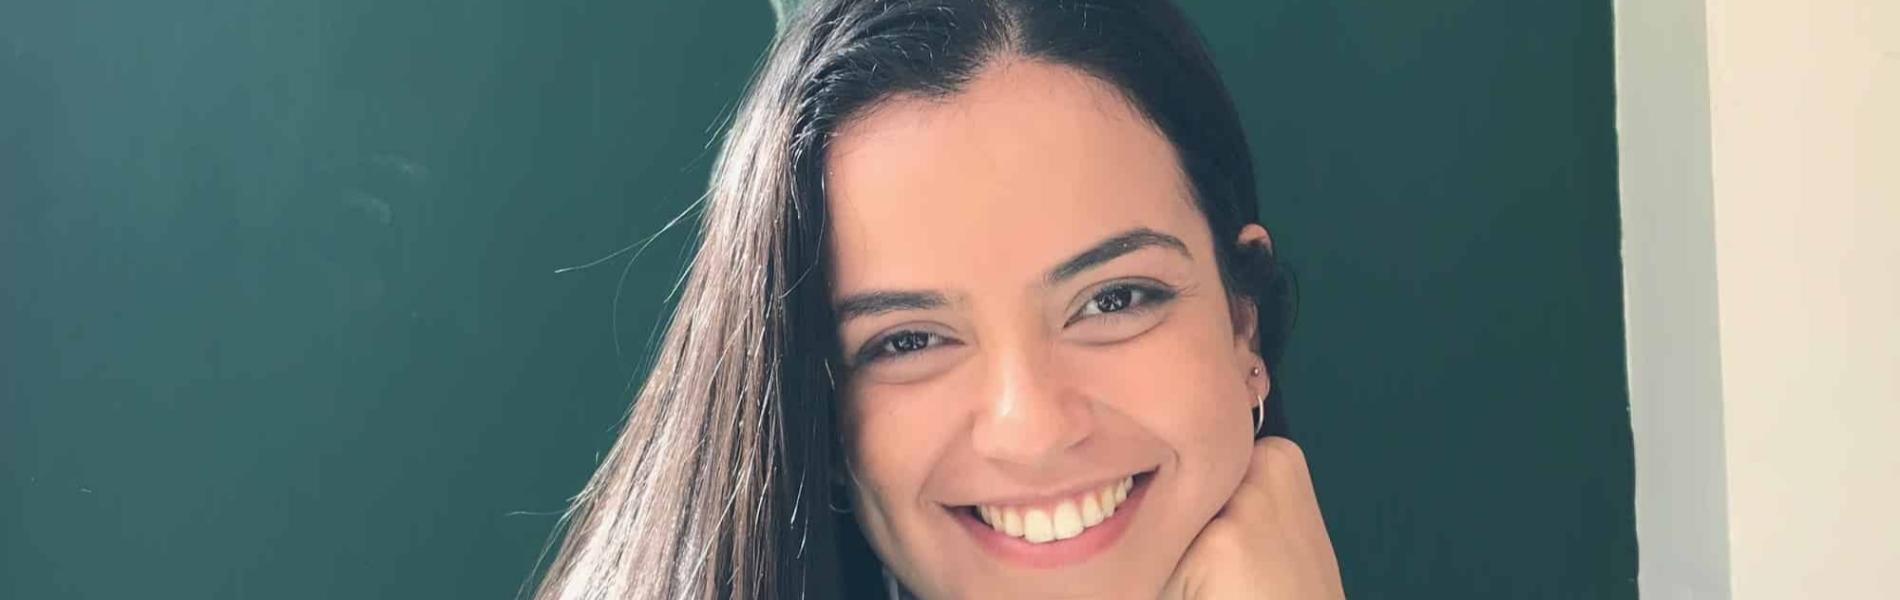 לנשים הצעירות בישראל יש היום כוח של 7 מנדטים. איך הן ישתמשו בו?